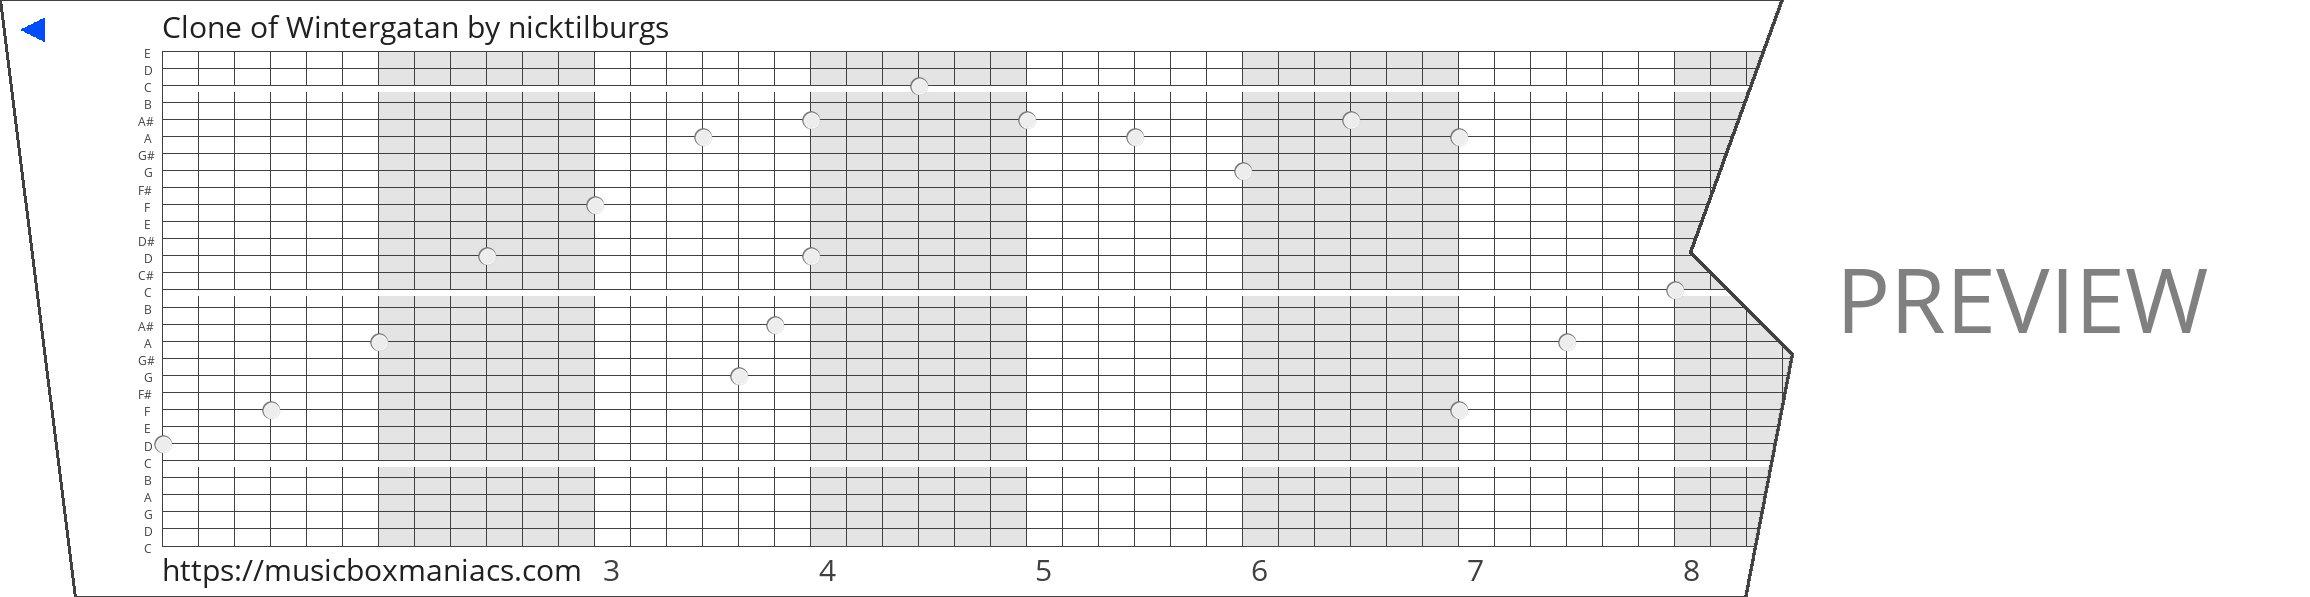 Clone of Wintergatan 30 note music box paper strip